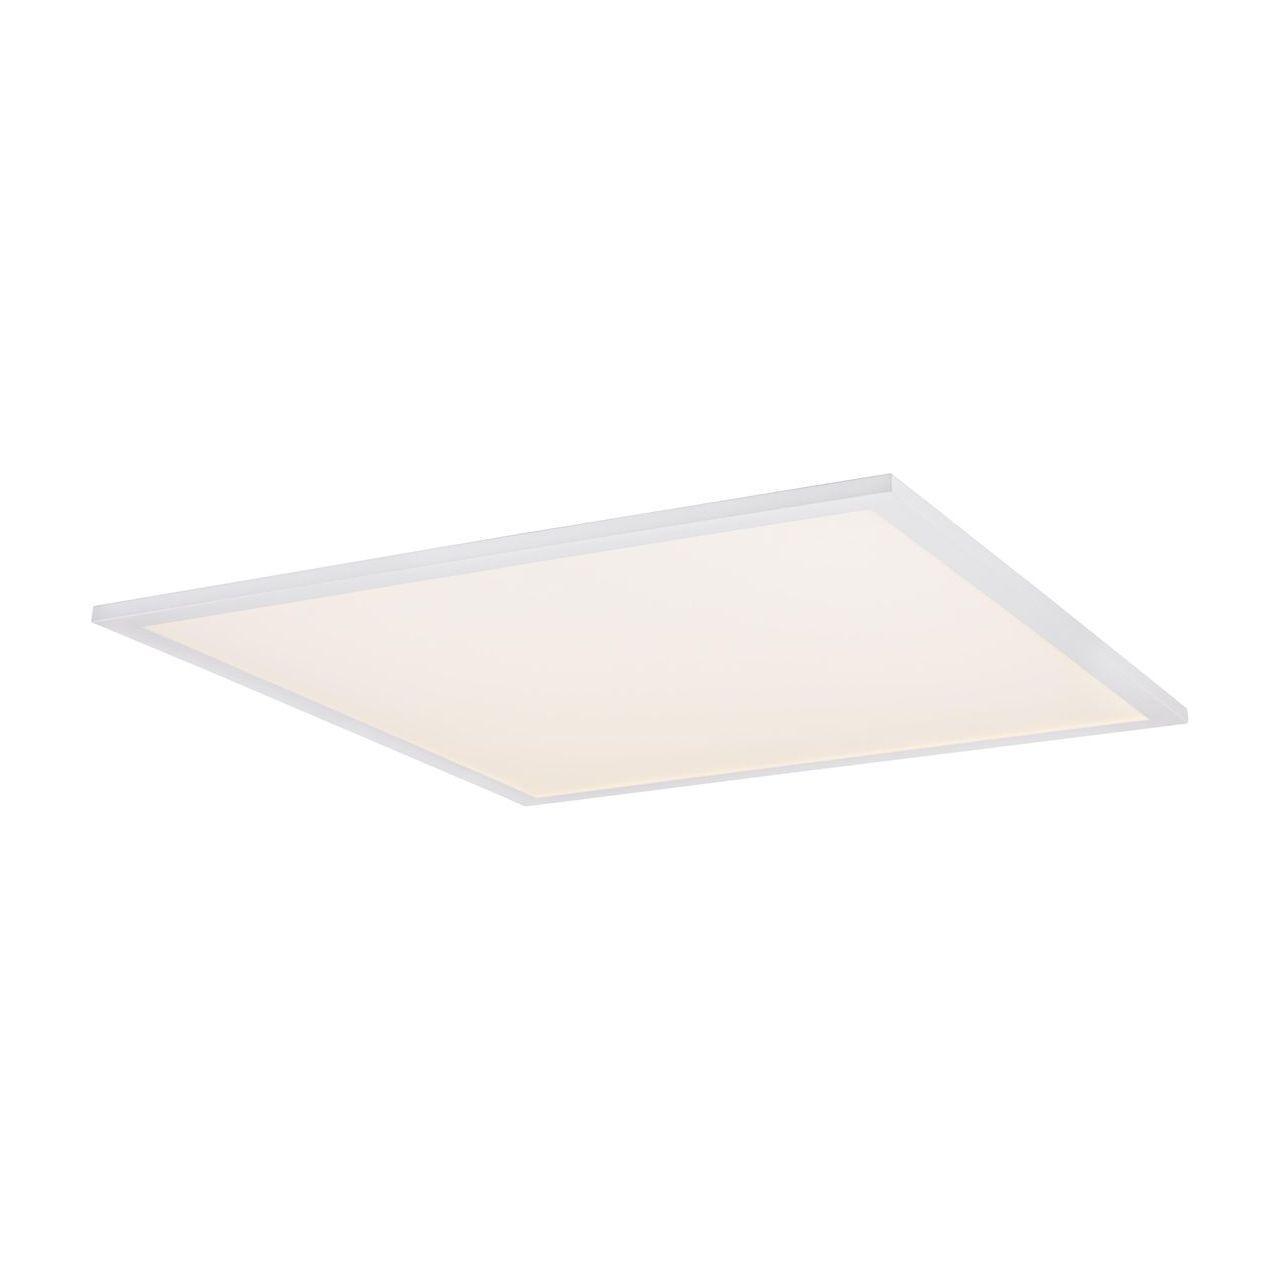 Потолочный светодиодный светильник Globo Rosi 41604D3F цены онлайн